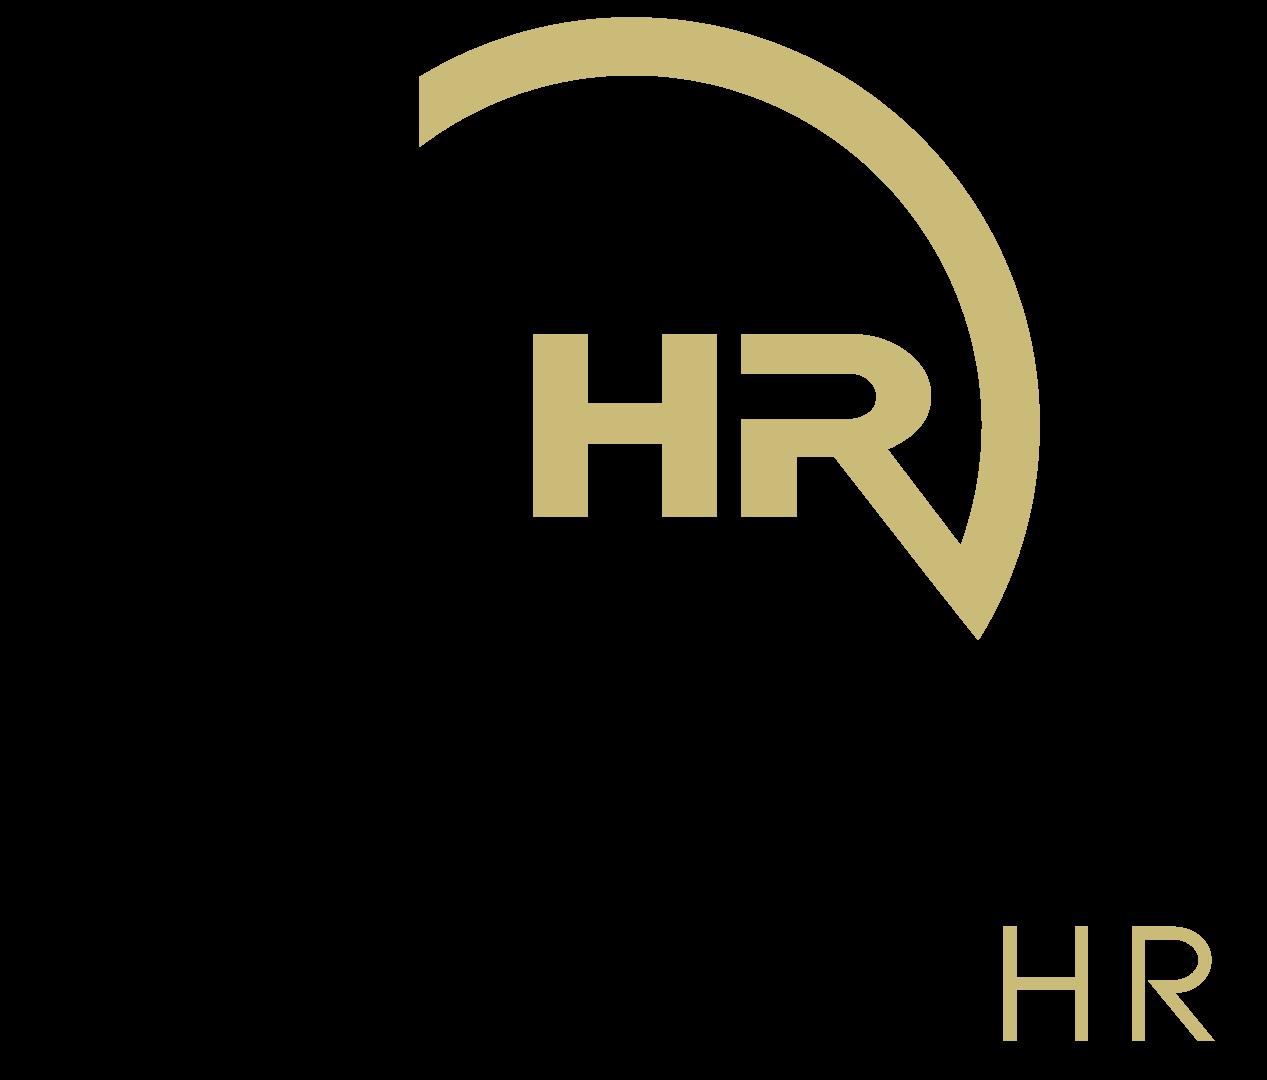 BHR_FULL_COLOUR-HIRES